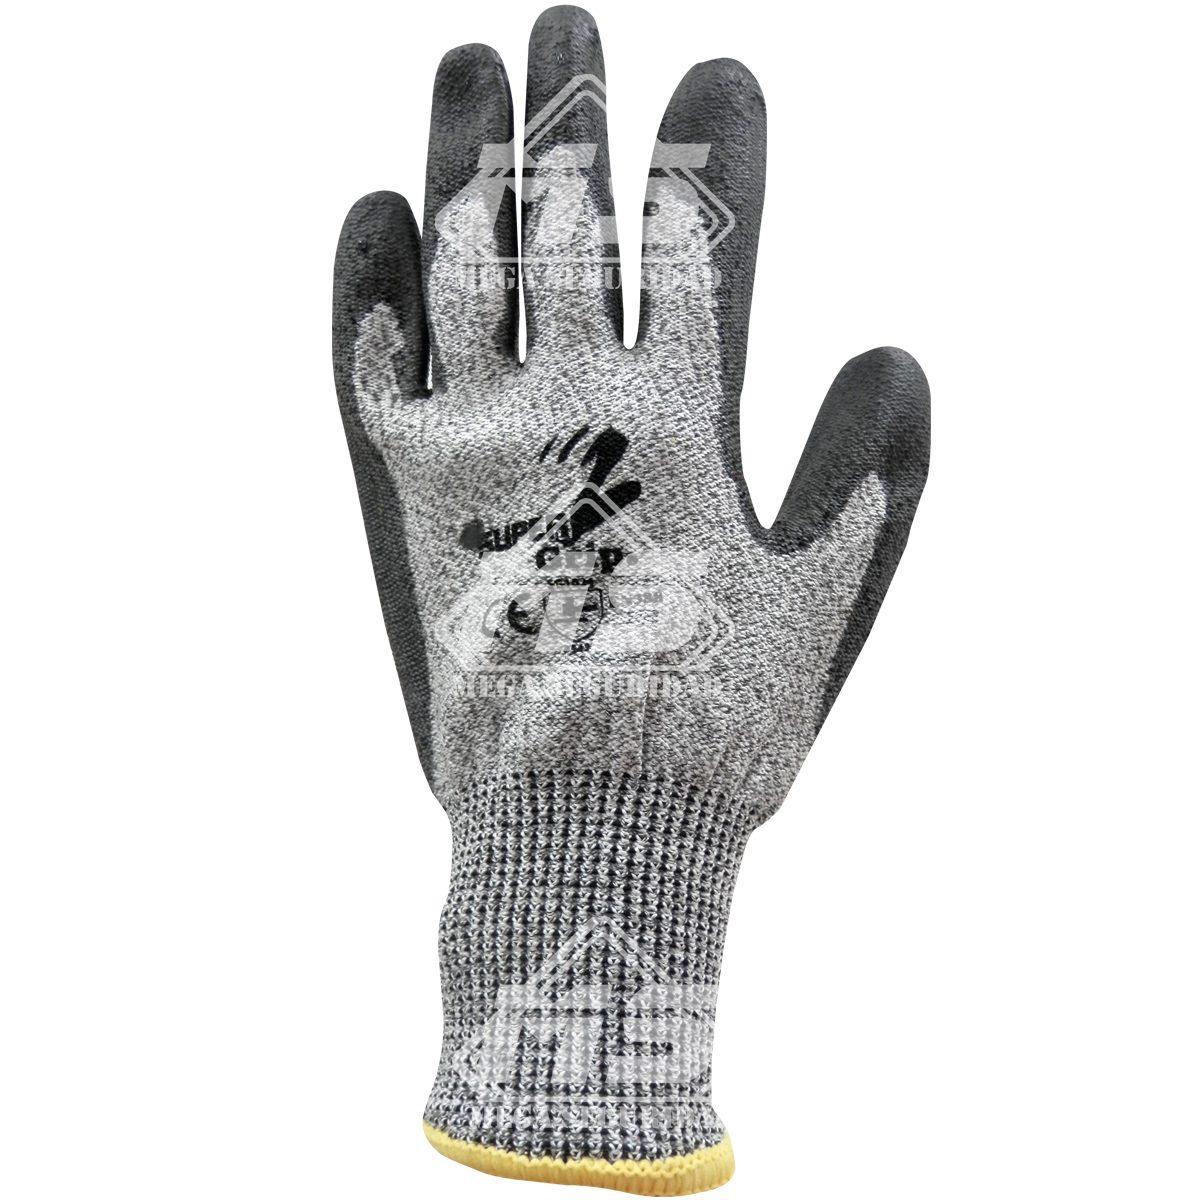 Guante anticorte guantes en seguridad industrial share - Guantes de seguridad ...